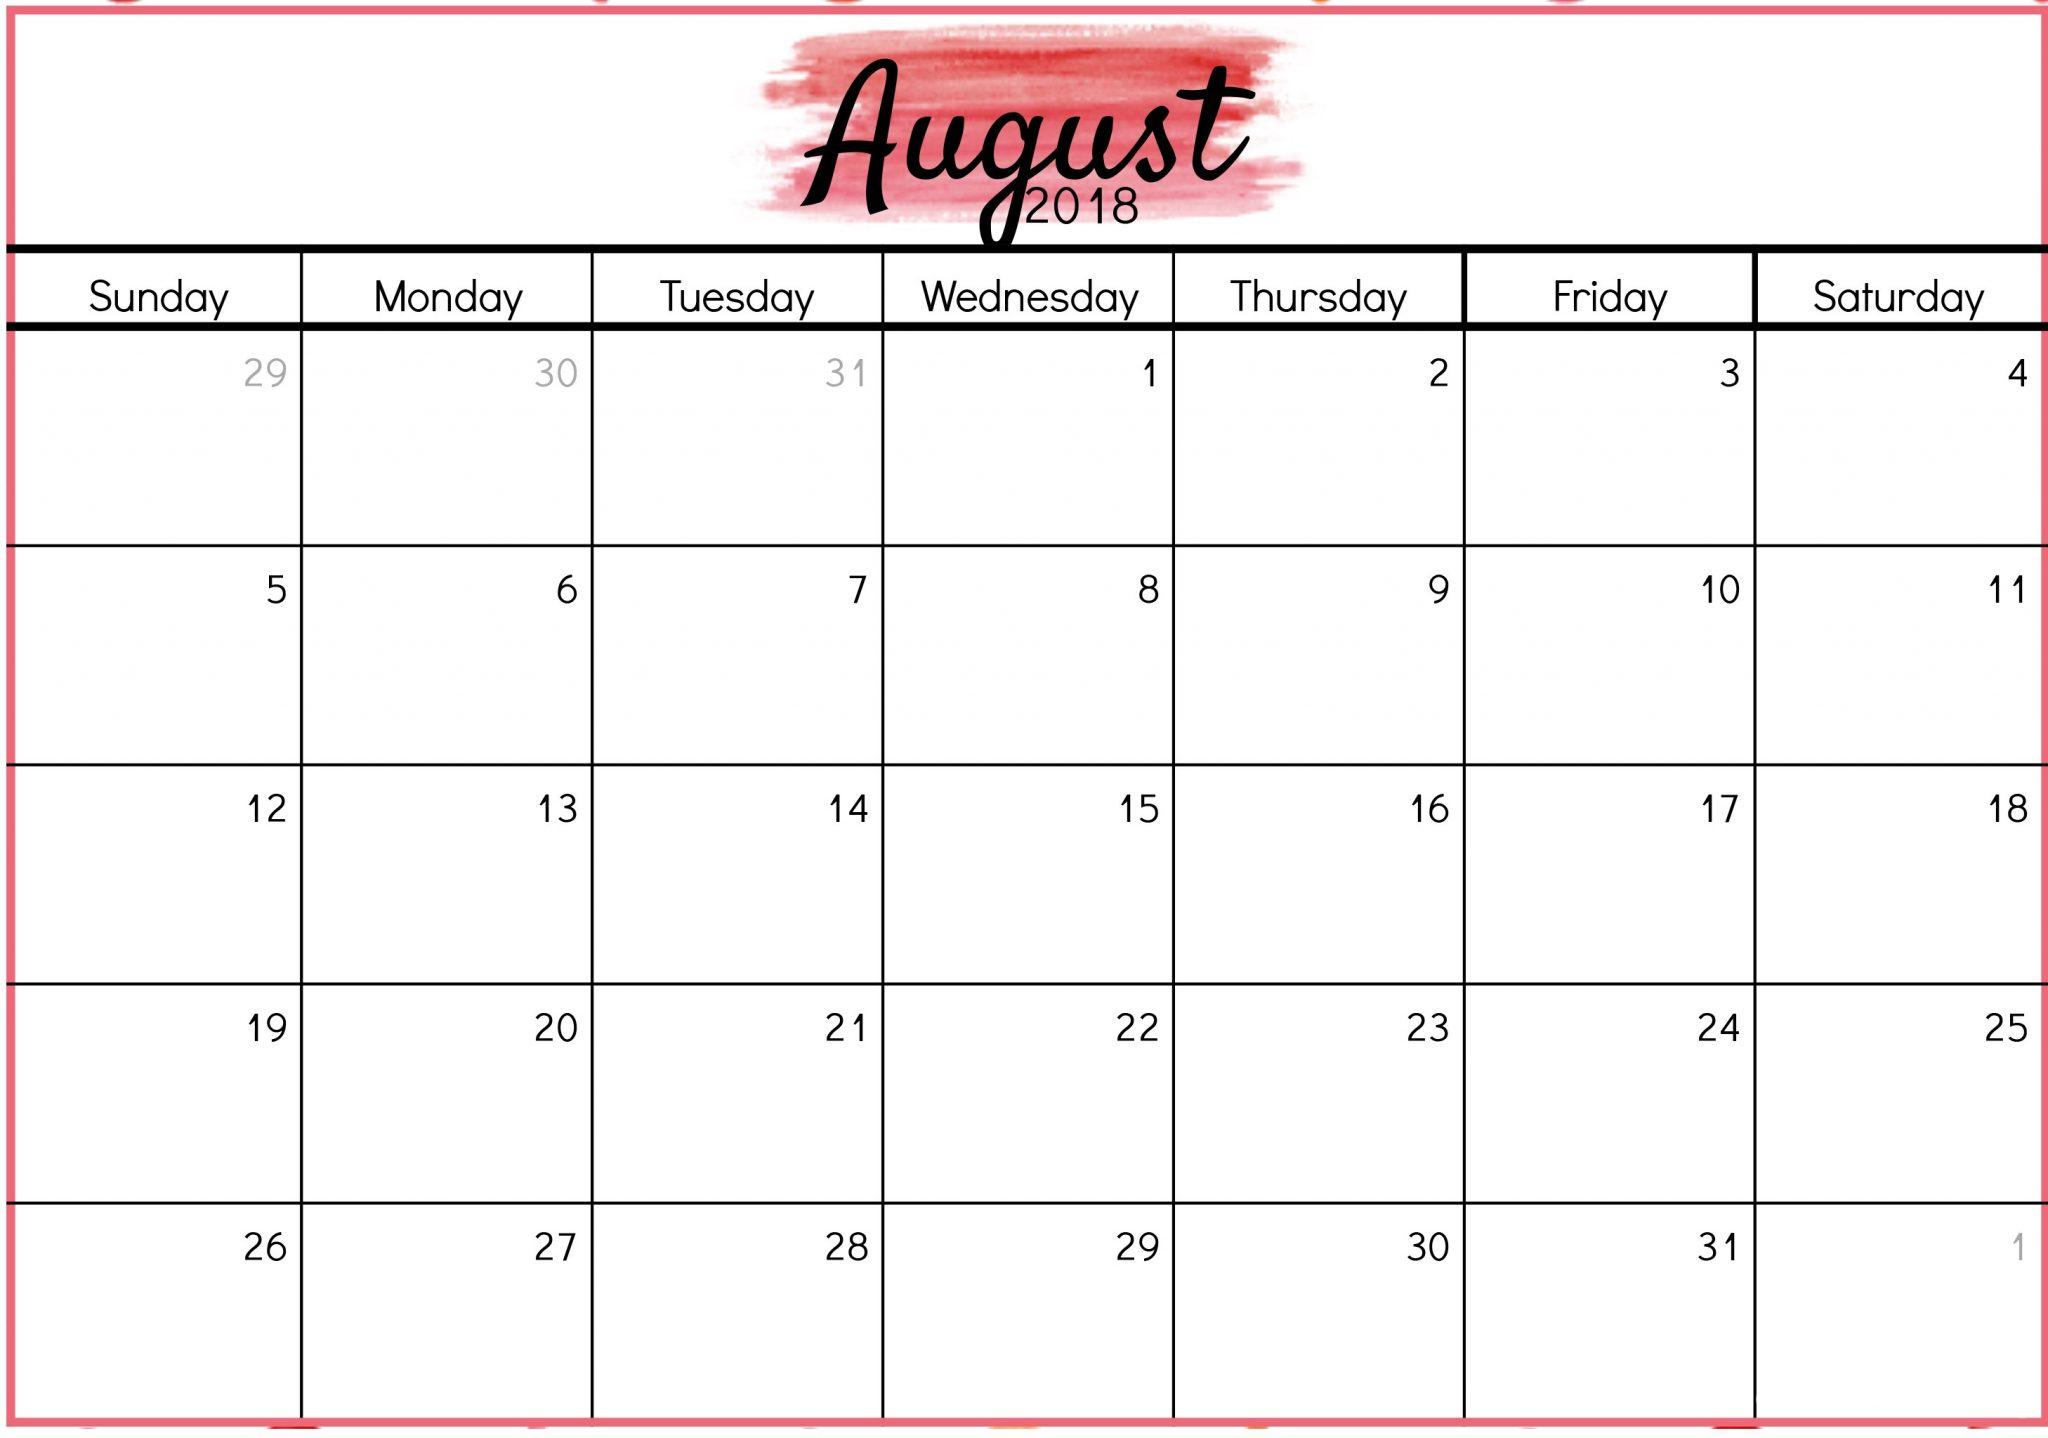 August 2018 Waterproof Calendar